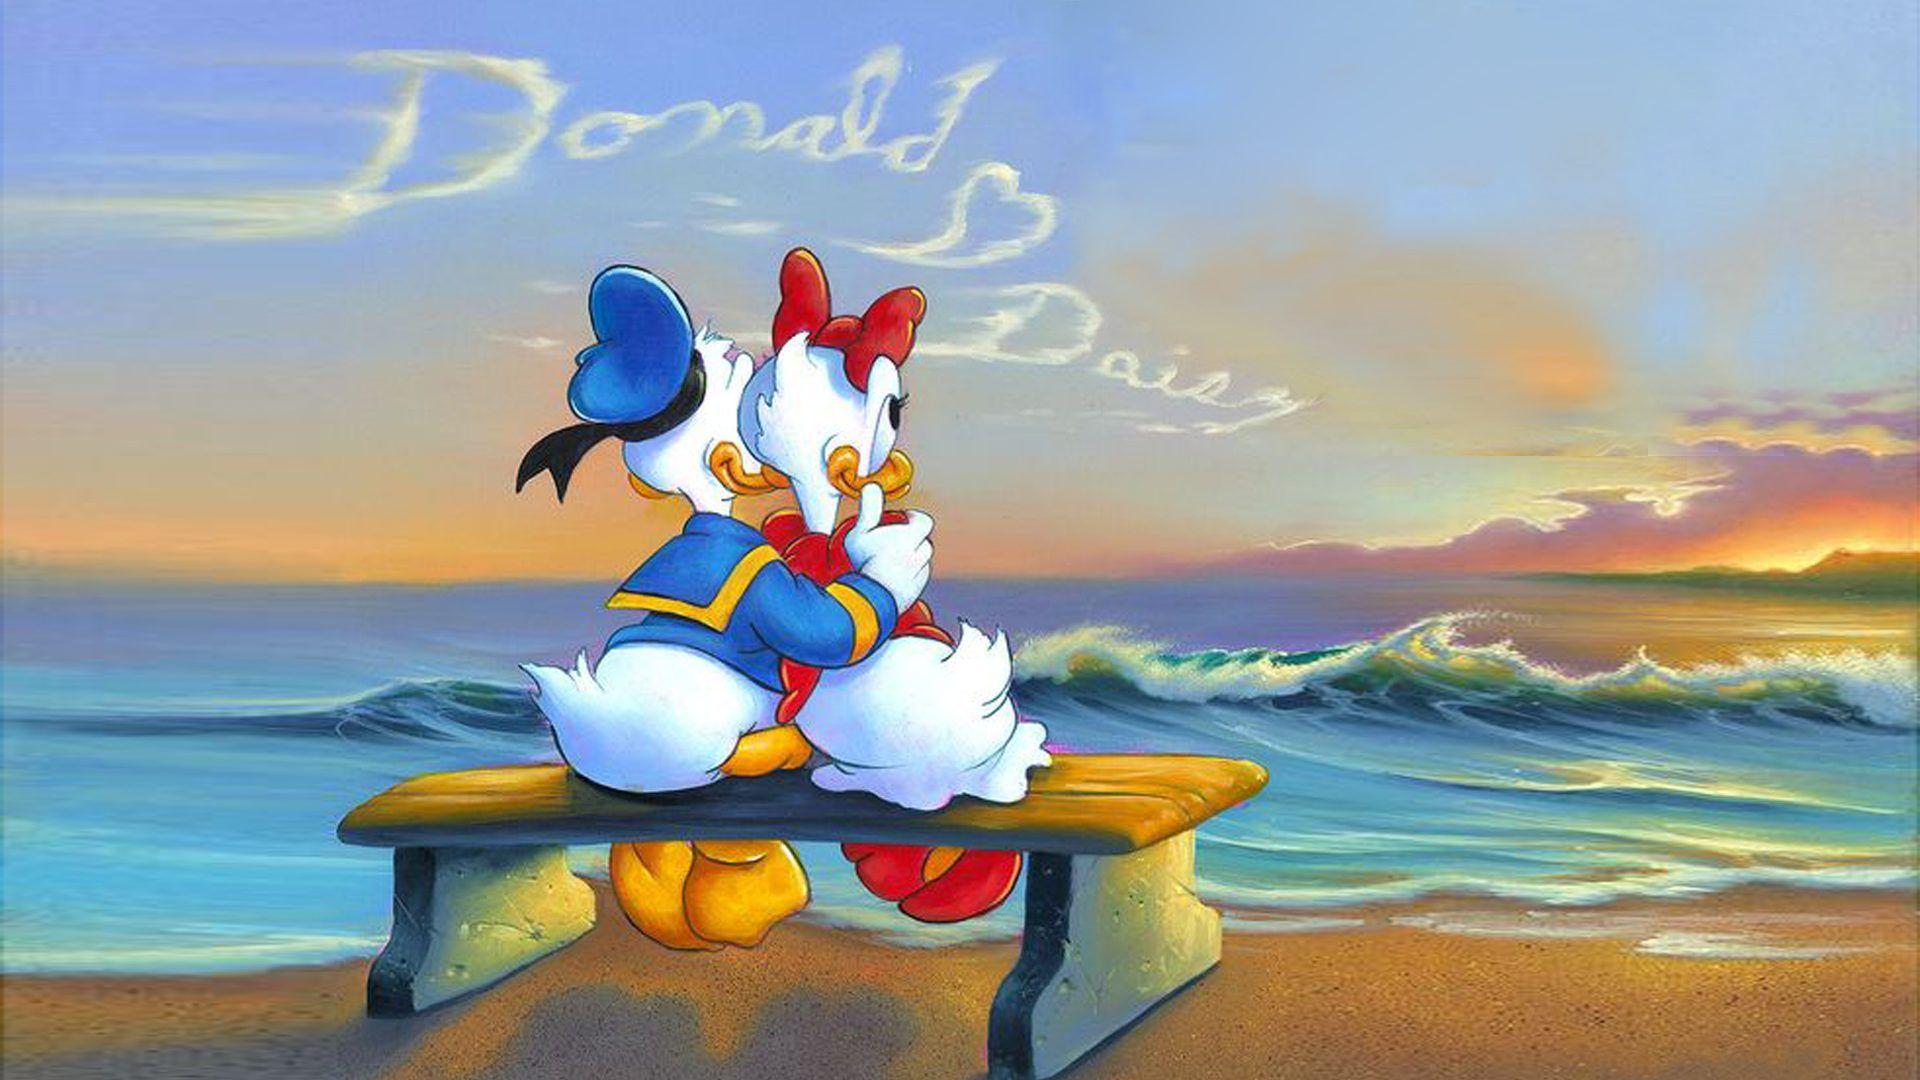 Hình ảnh vịt Donald Cute đáng yêu